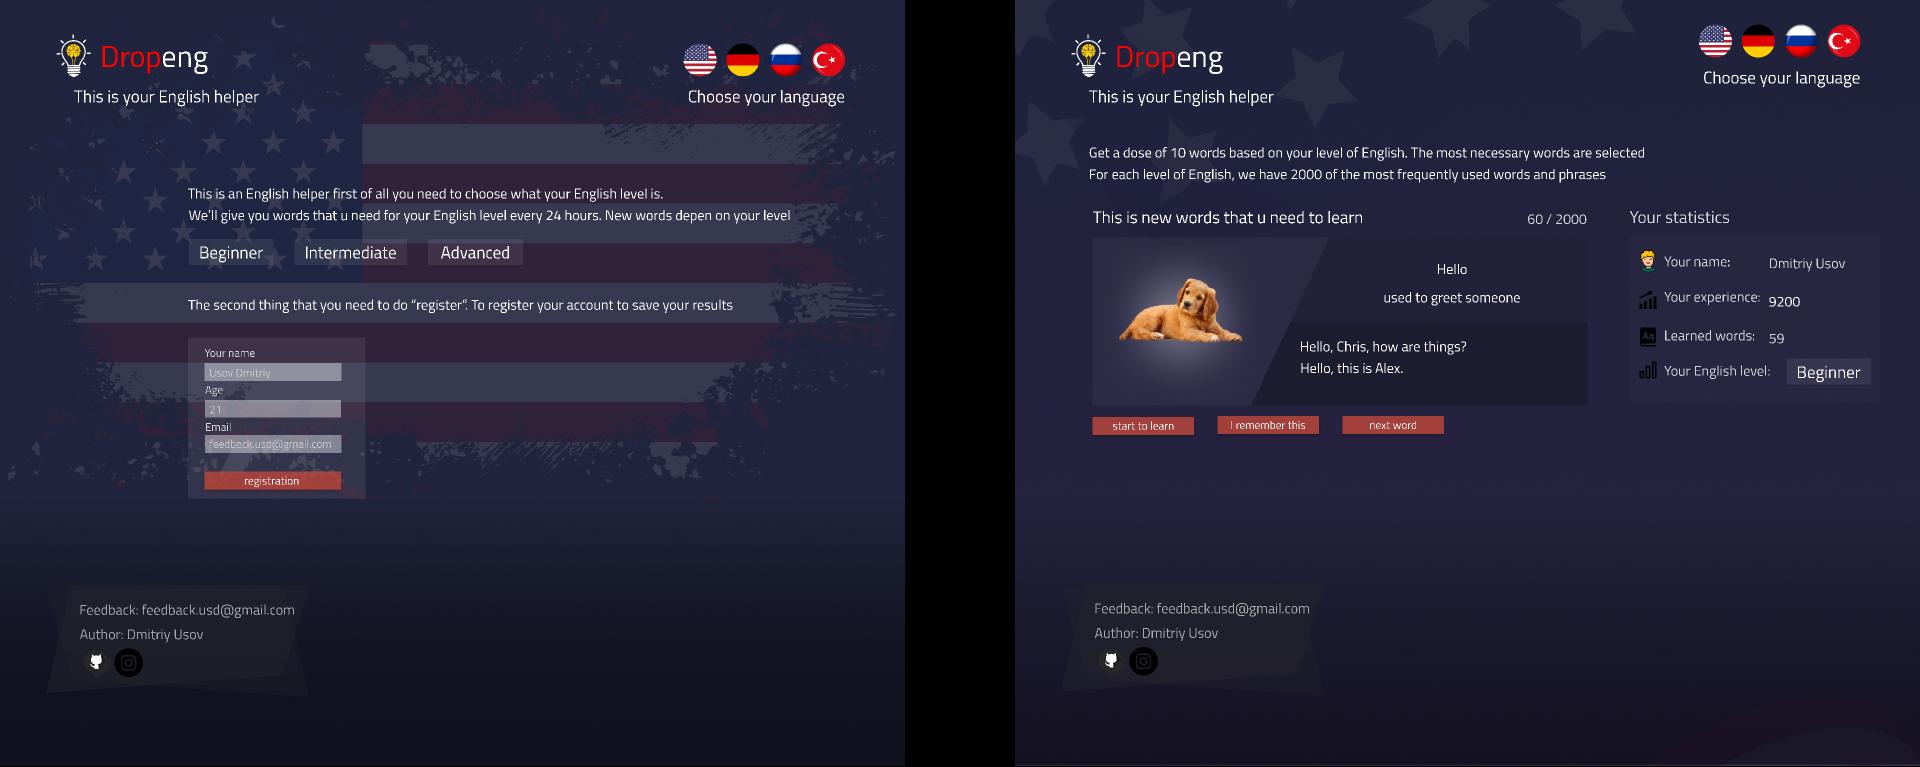 Platform for learning Englsih figma free